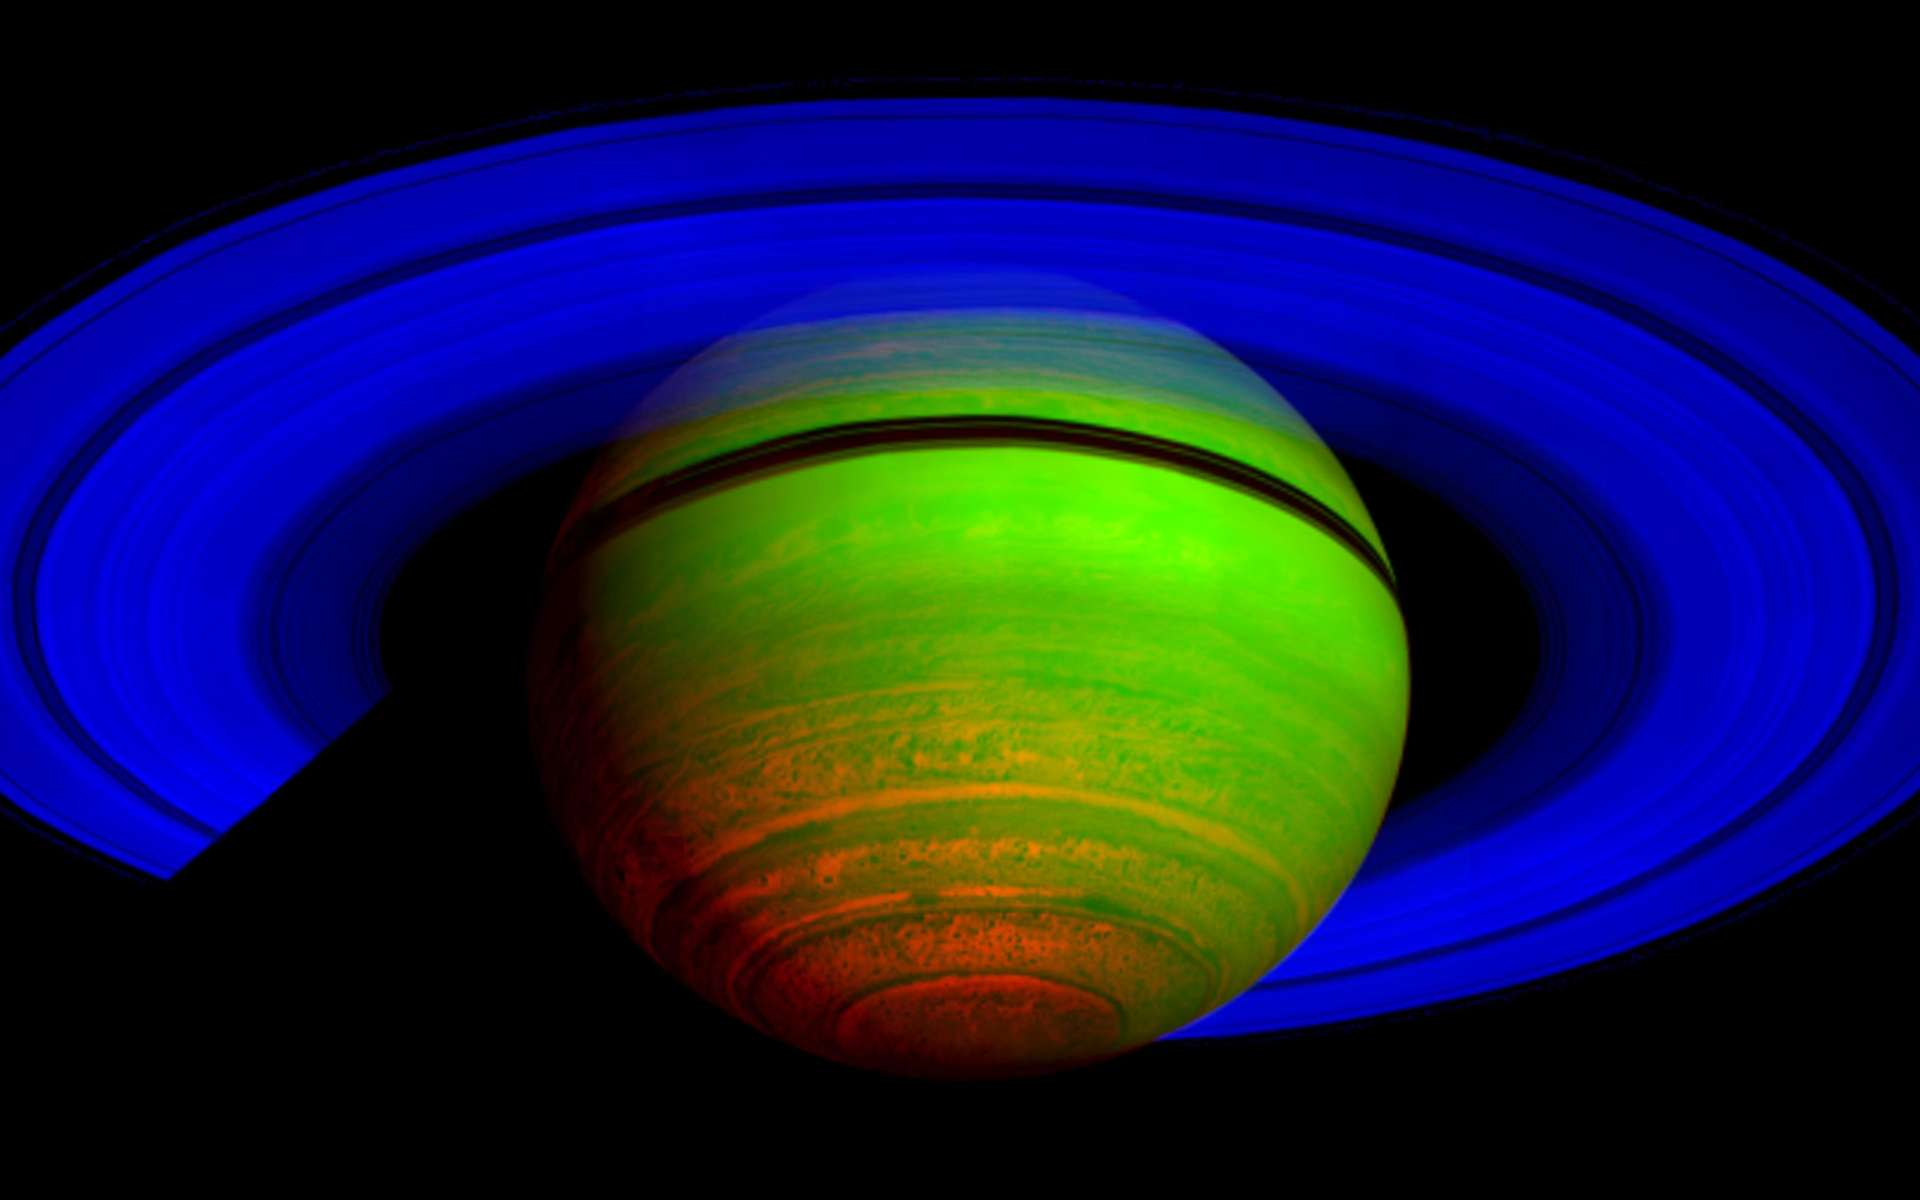 Saturne et ses anneaux, observés en infrarouge par la sonde Cassini. On distingue nettement la division de Cassini, bien visible depuis la Terre. © Nasa/JPL/University of Arizona